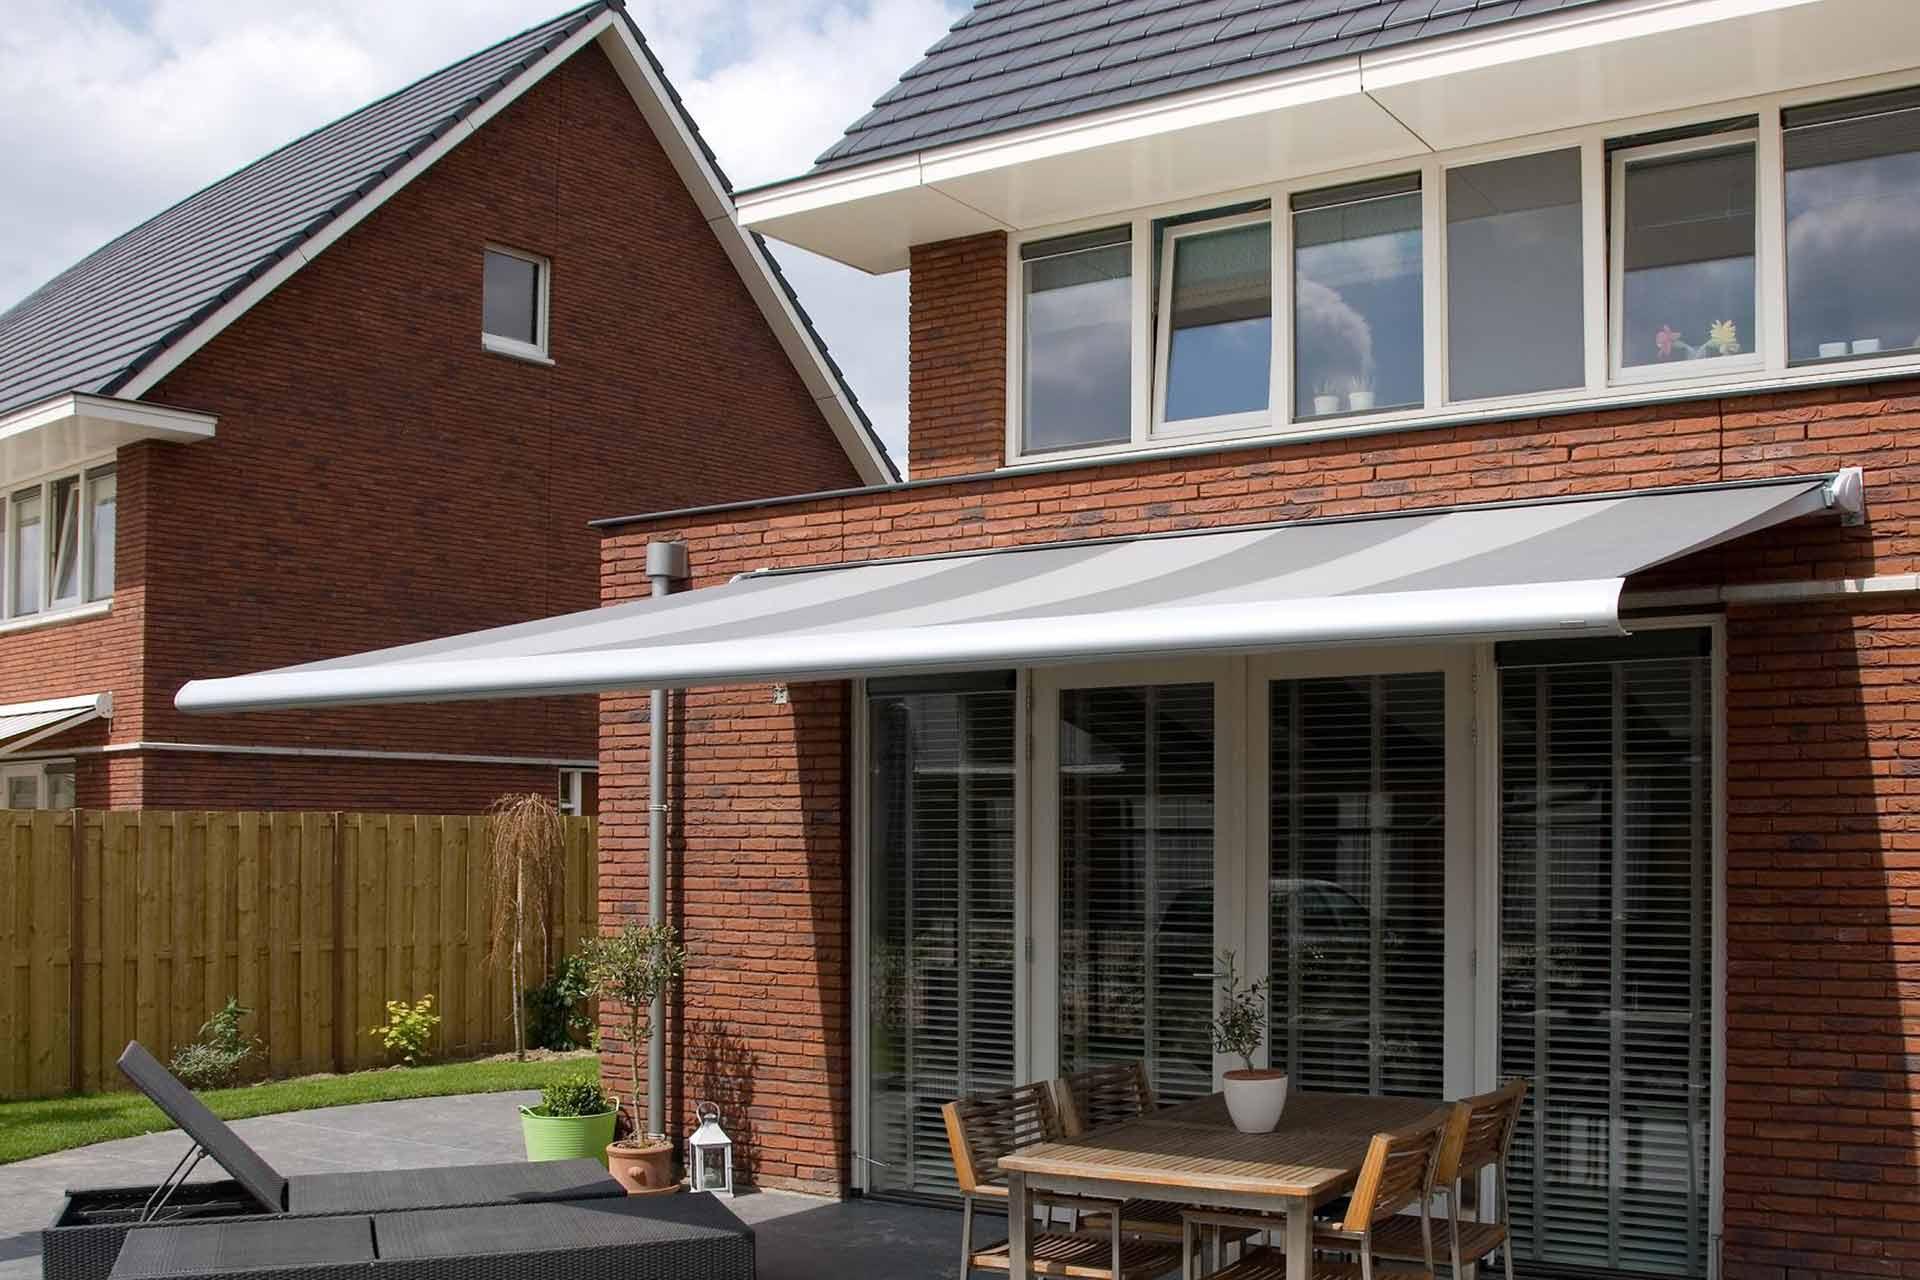 Zonwering In Rotterdam : Zonwering expert u reparatie en plaatsen vergelijk bespaar